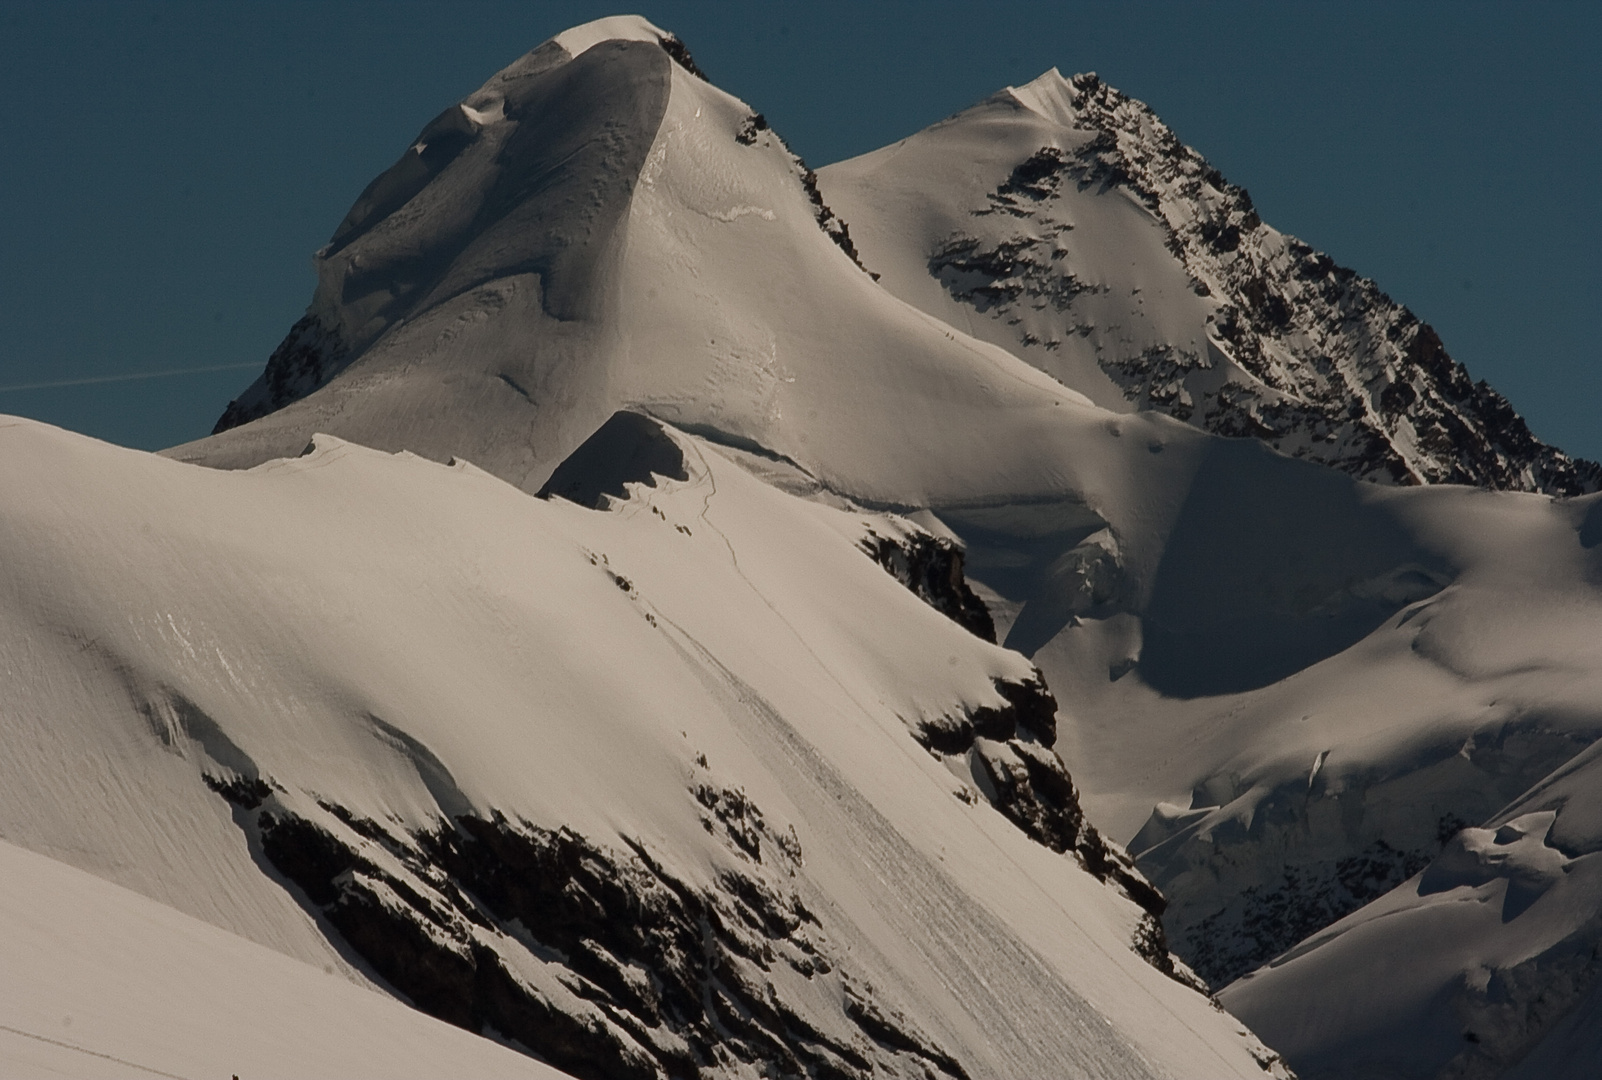 Der Gipfel zum greifen nah